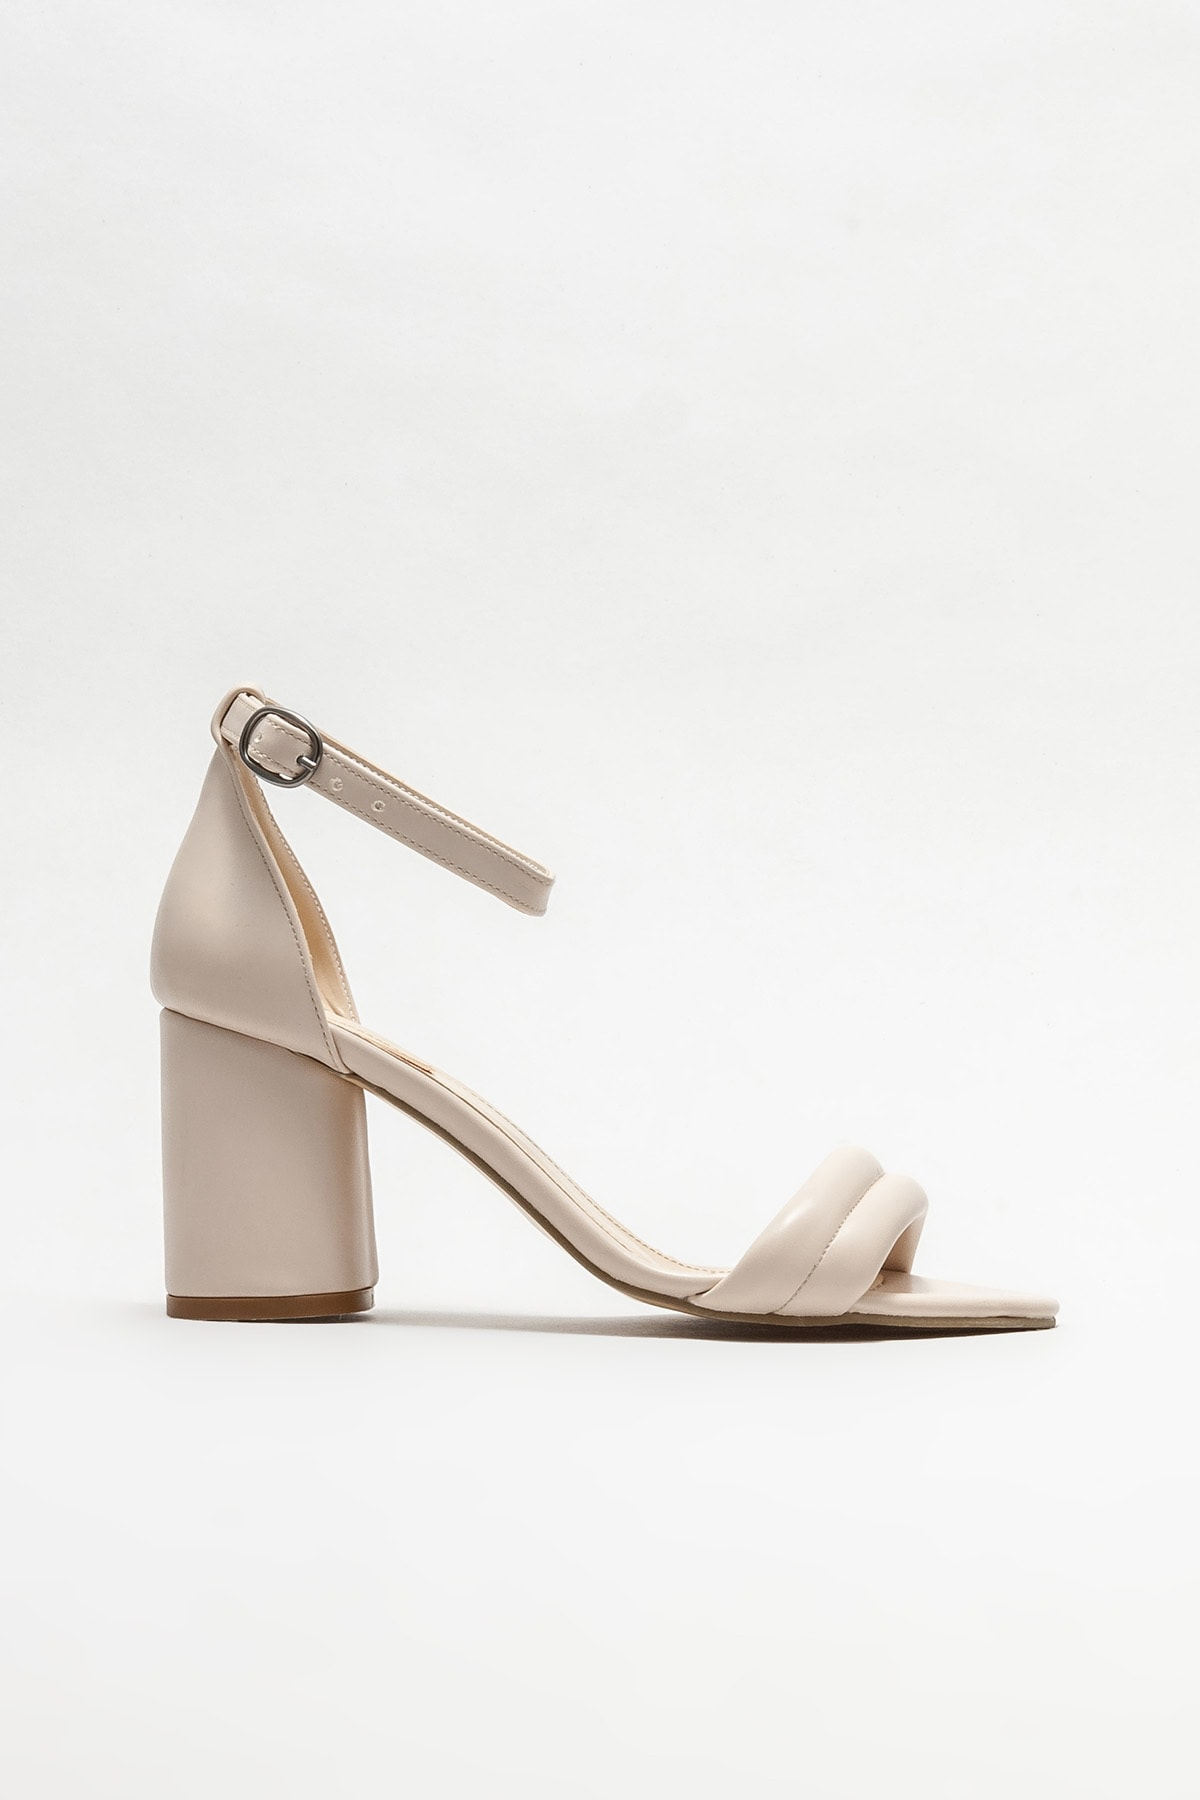 Bej Kadın Topuklu Sandalet